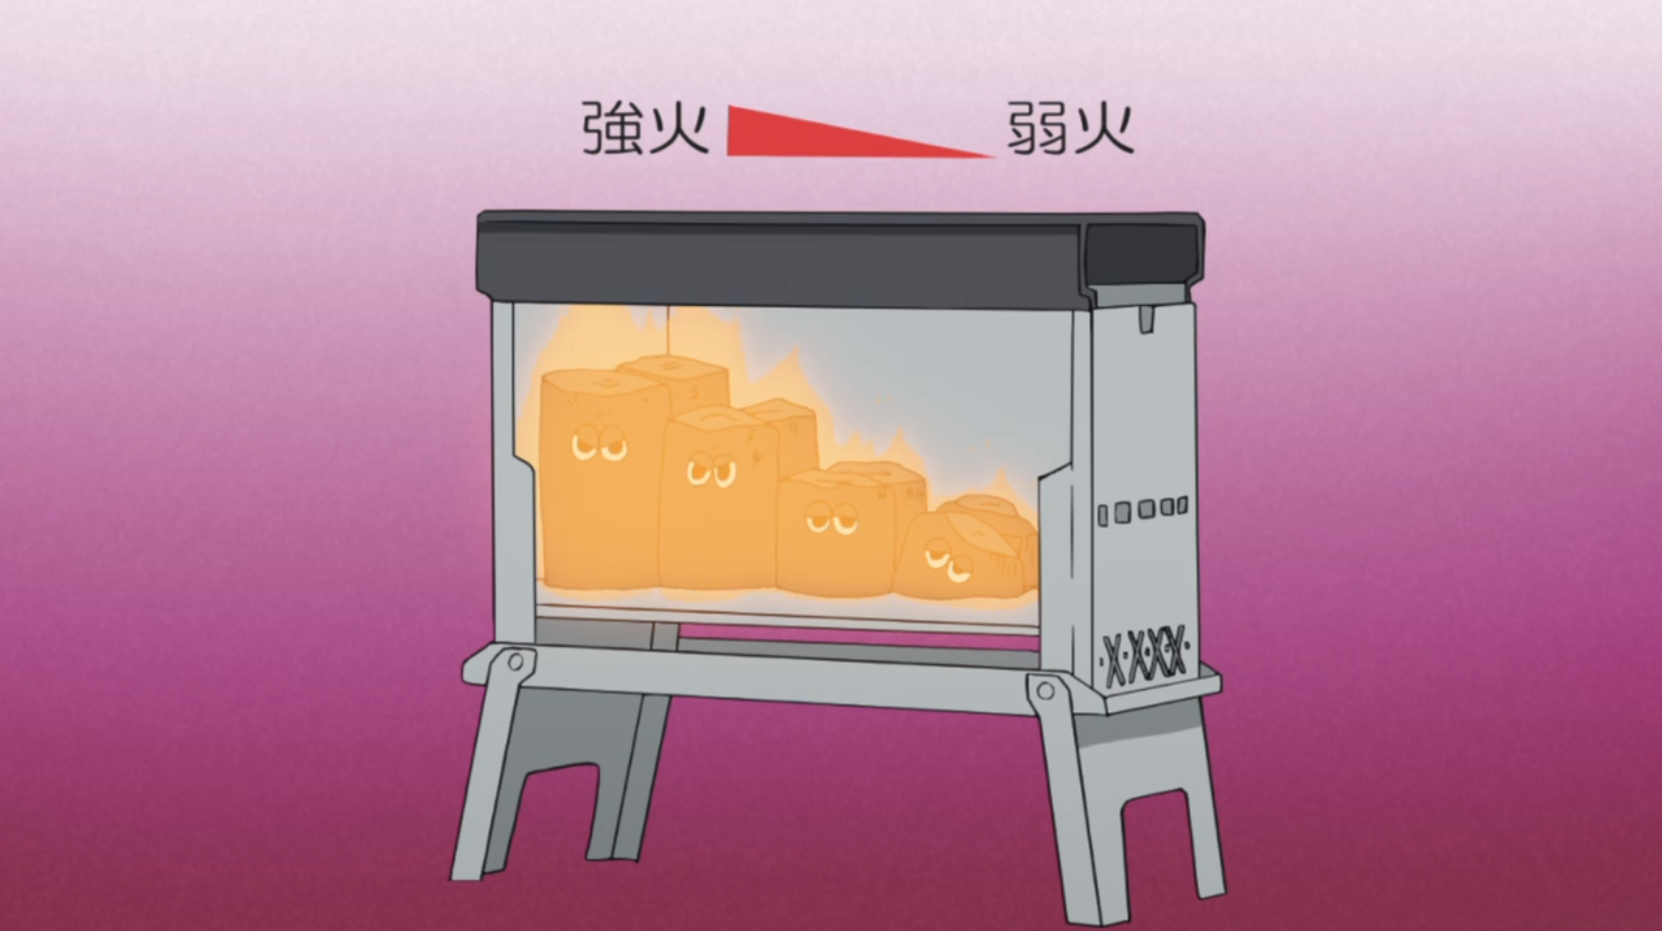 アニメ『ゆるキャン△』7話 の炭火焼グリル火加減